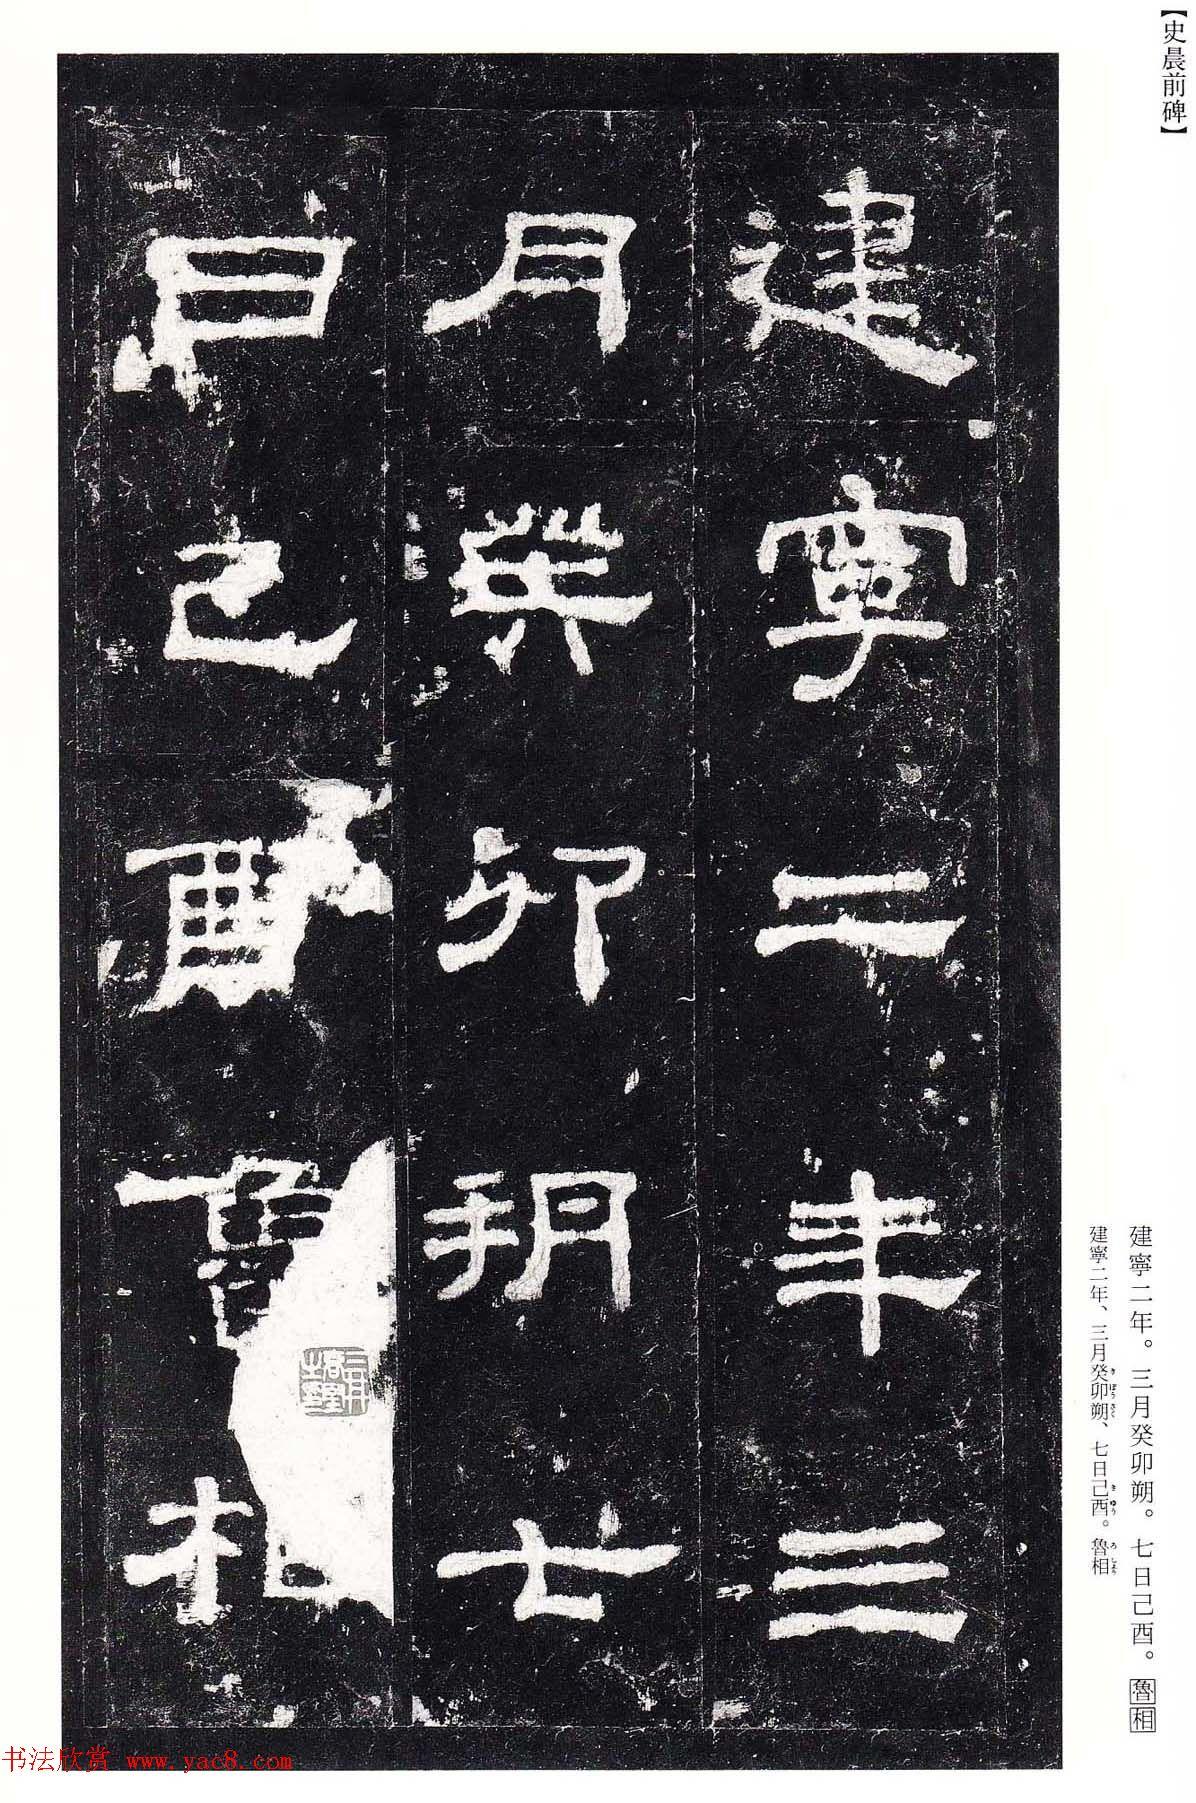 东汉隶书名碑《史晨前碑》日本二玄社高清版